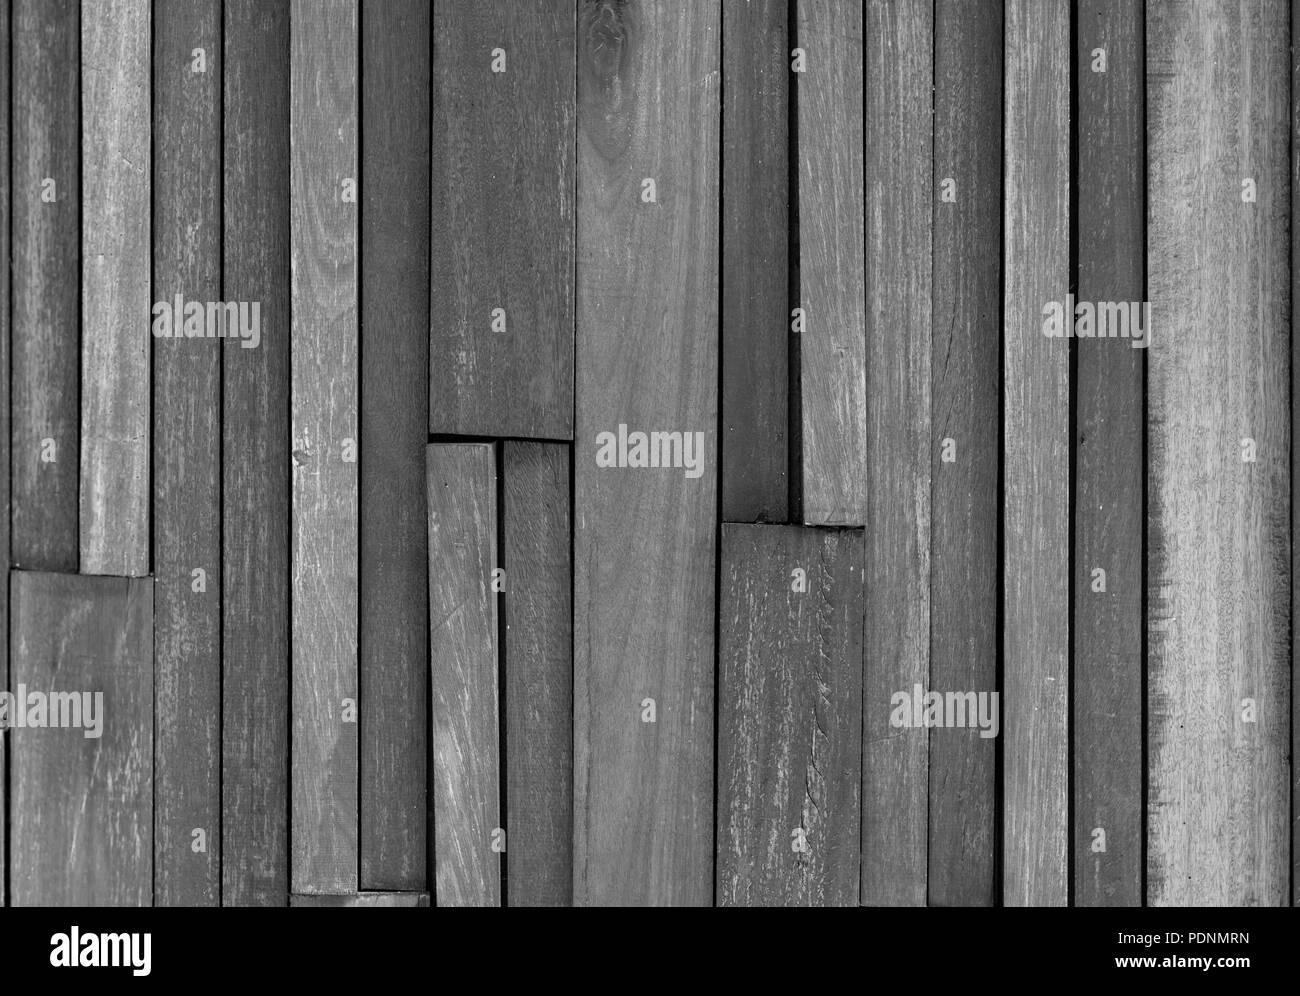 https www alamyimages fr bois gris texture background decor en bois fond gris triste pour la mort le deuil et l elegie image214992281 html